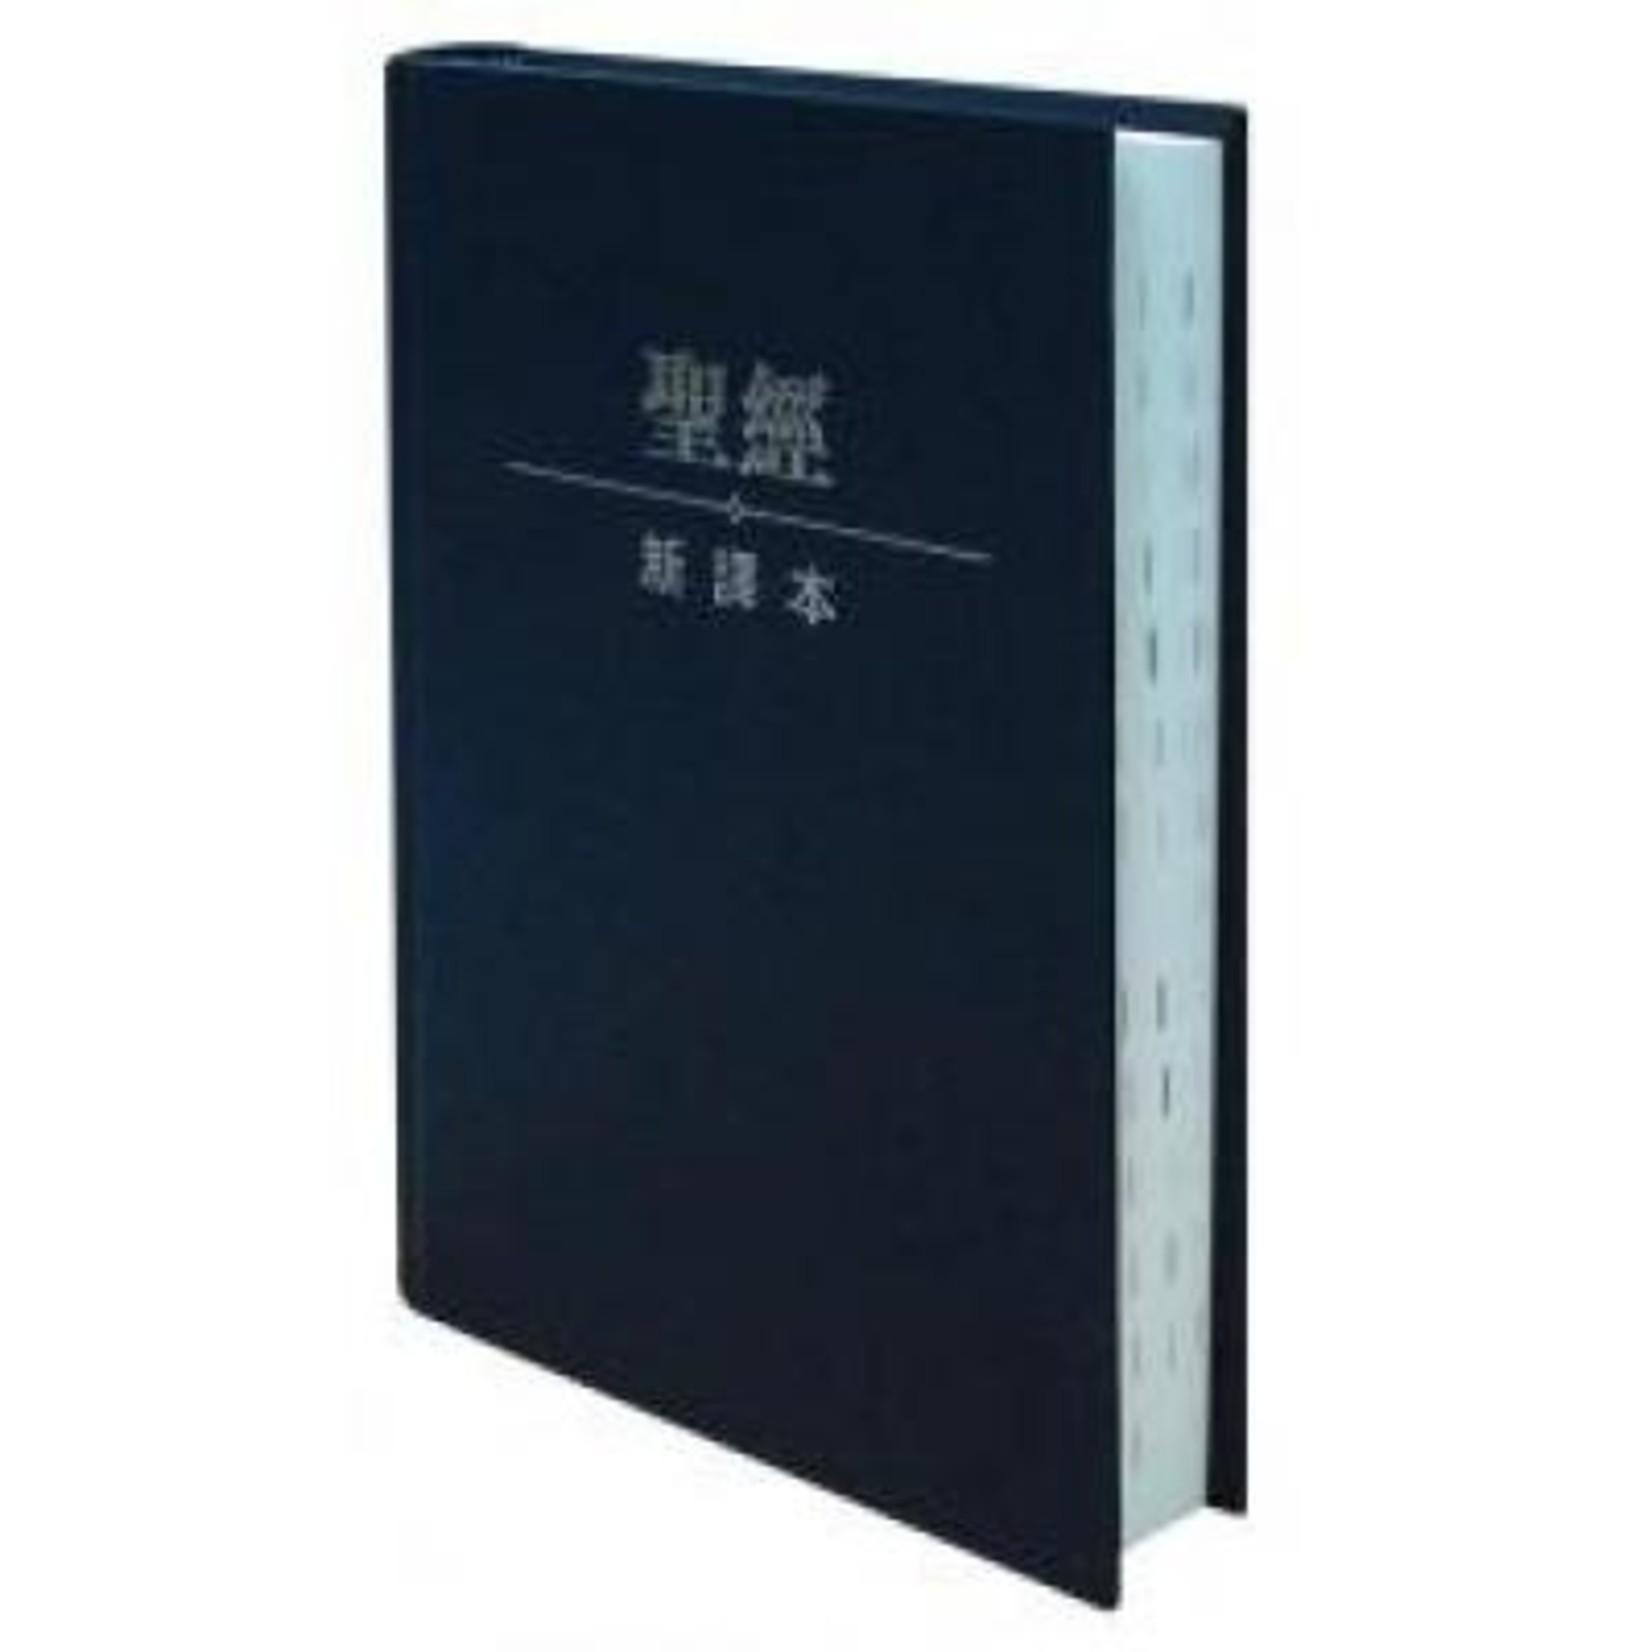 環球聖經公會 The Worldwide Bible Society 聖經新譯本:標準裝.黑色精裝白邊.繁體 Standard Size, Trad., Black Hardback Cover, White Edge